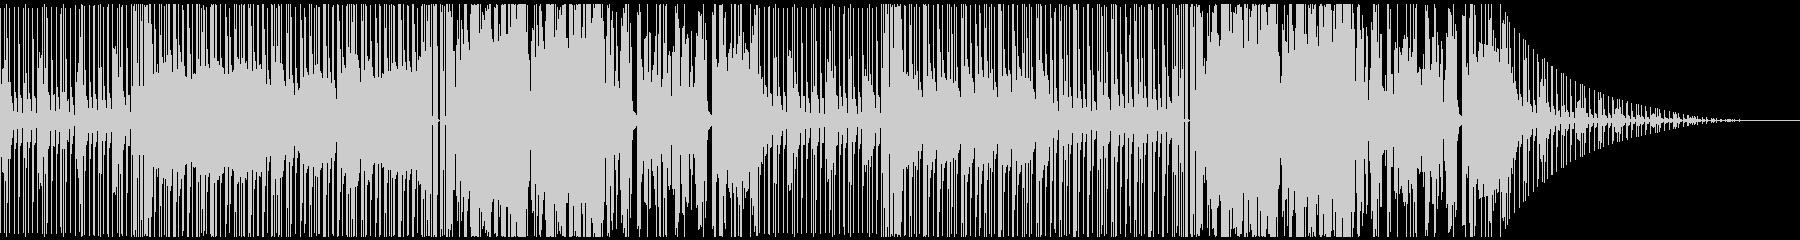 和風ダークヒップホップ6(三味線,尺八)の未再生の波形